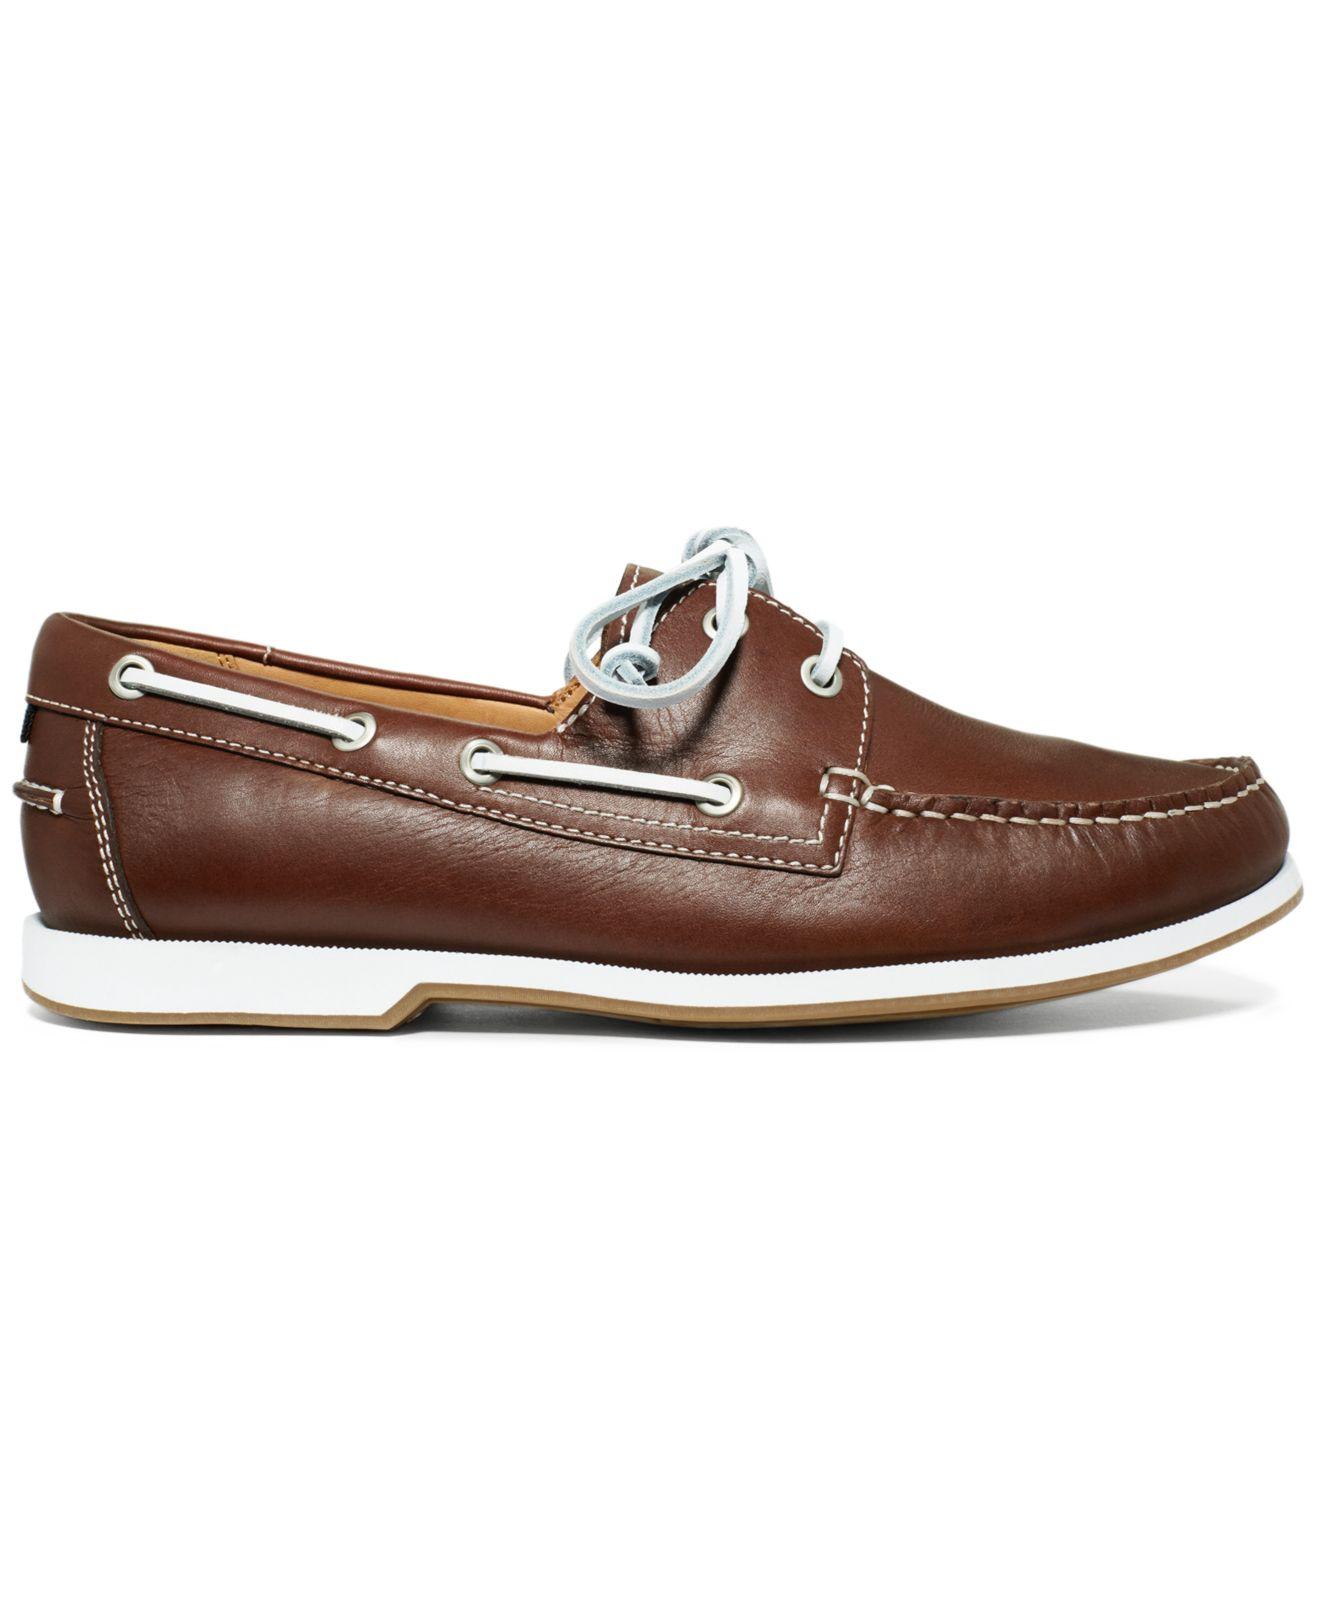 Oasiq | ecco boat shoes on sale